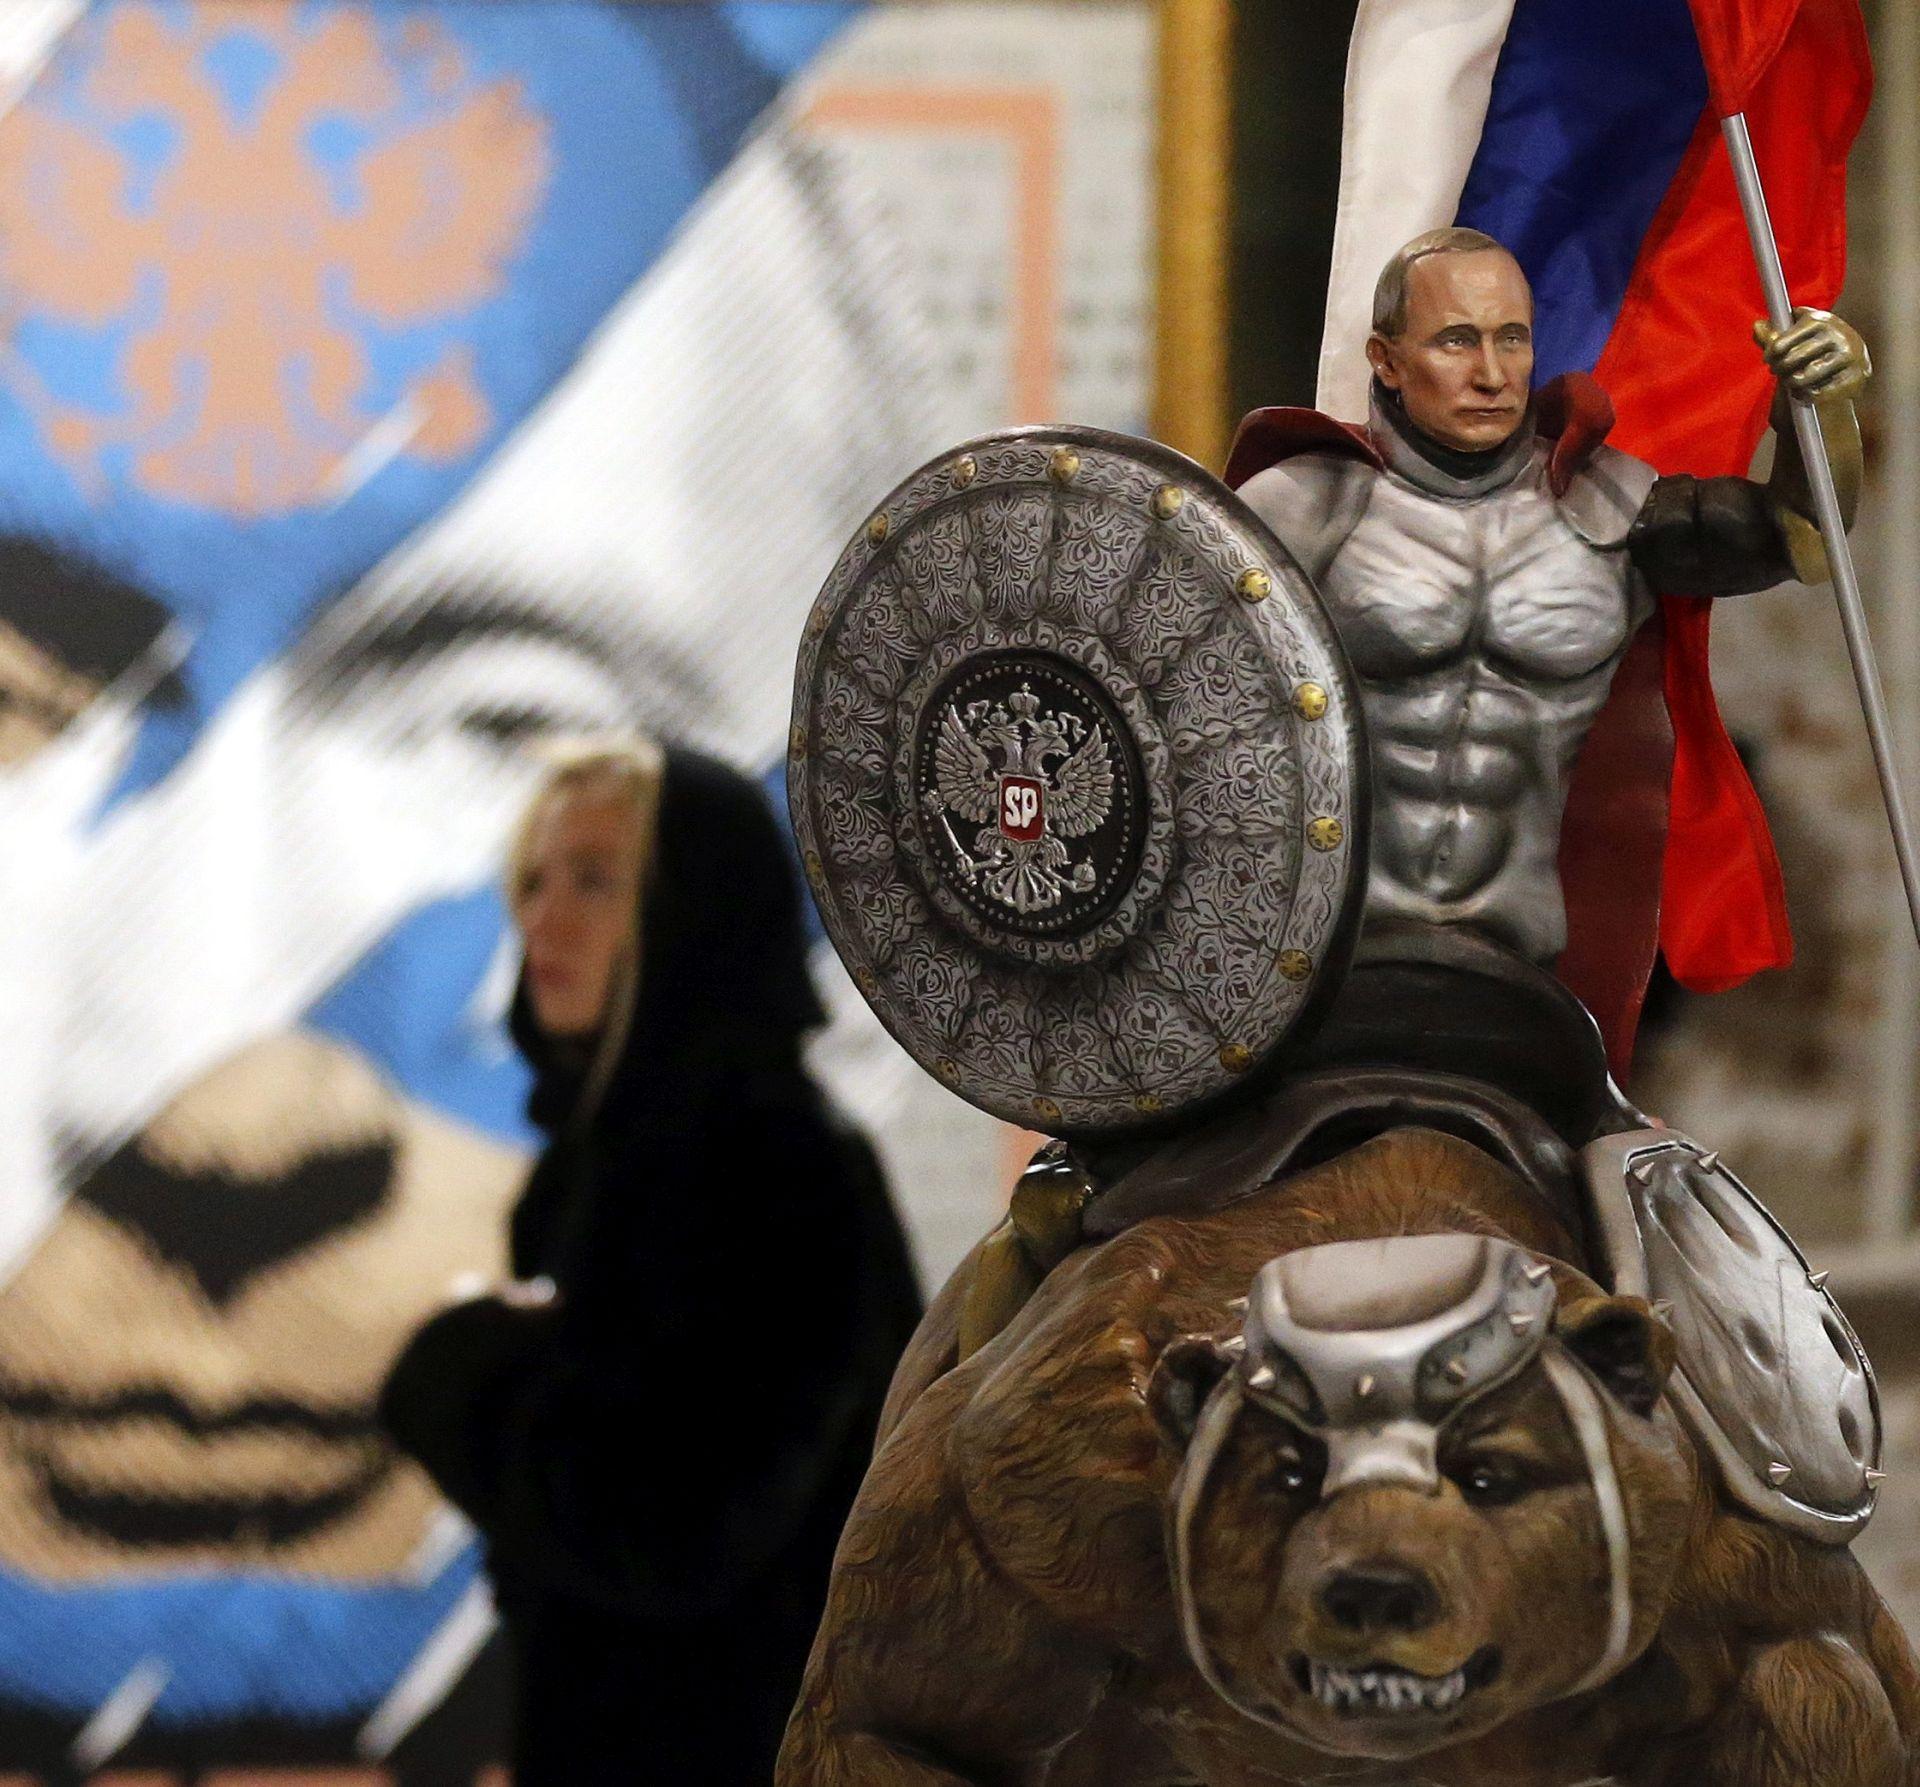 OBLJUBLJEN ŠEF Putin – Supermen, jahač medvjeda i Djed Mraz